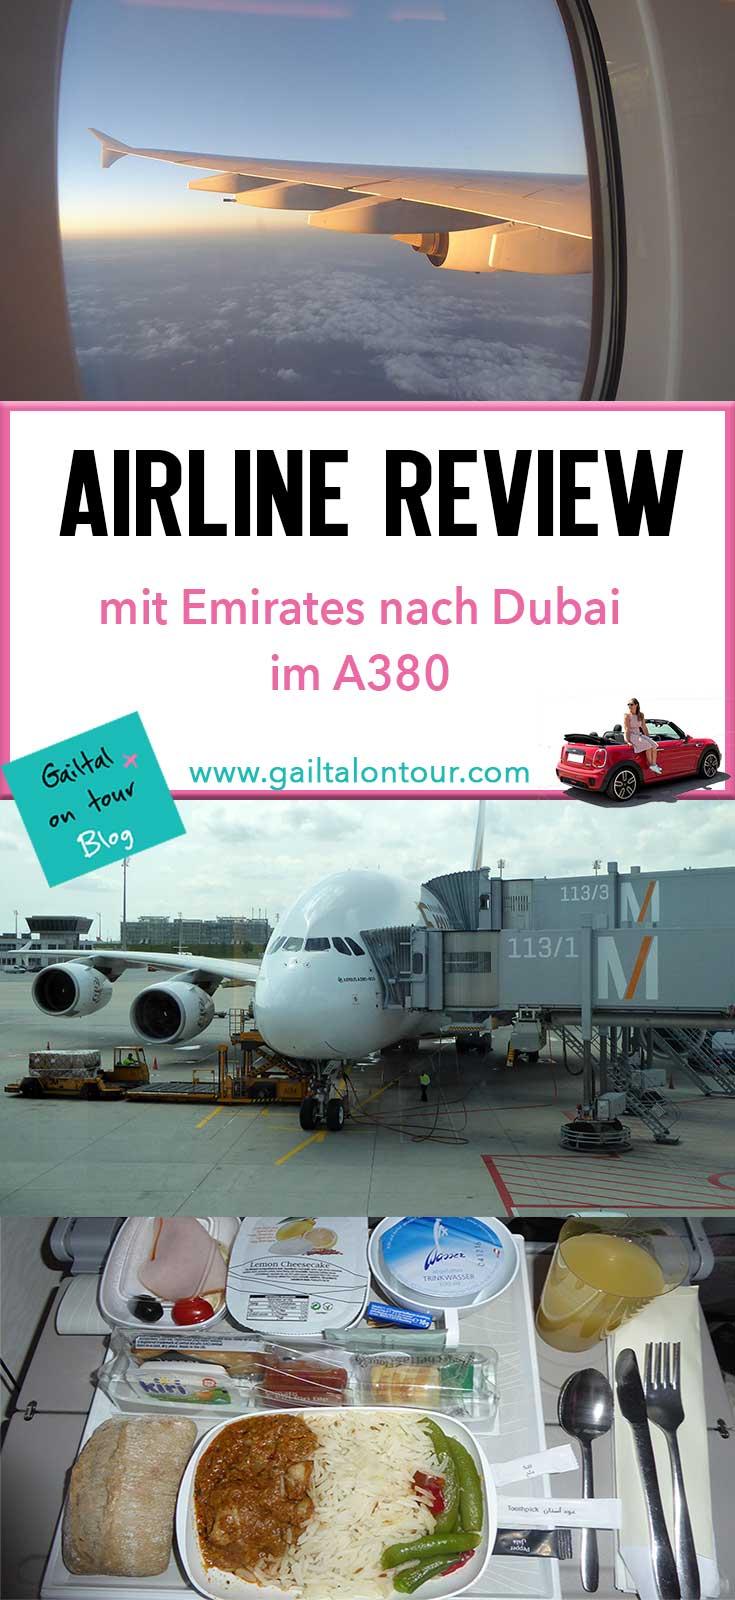 Erfahrungen beim Flug mit #Emirates. Alle Infos zum Flug mit dem #A380 nach #Dubai.